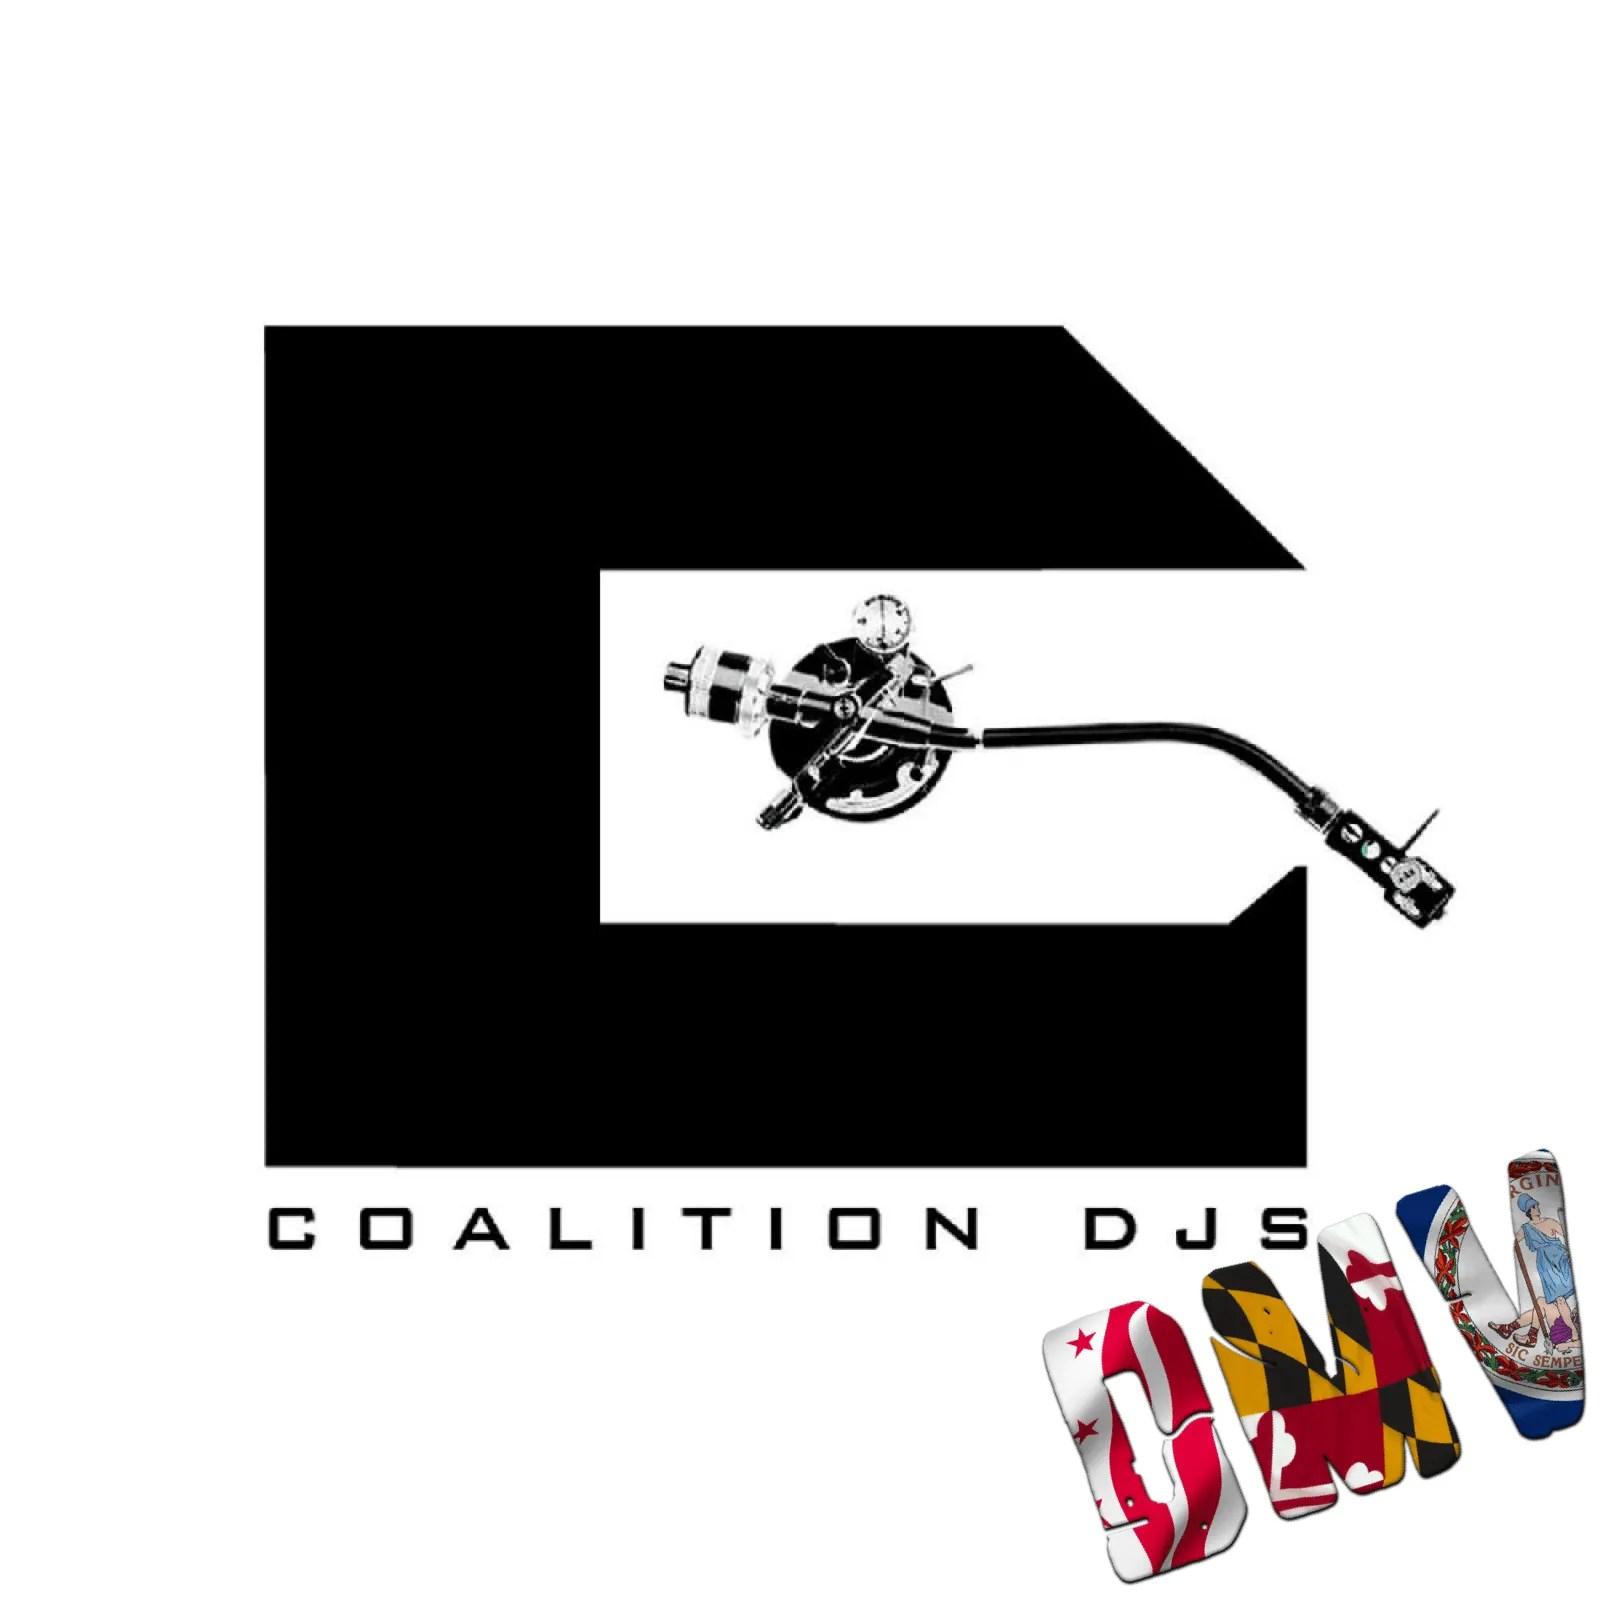 Coalition DJs DMV Logo